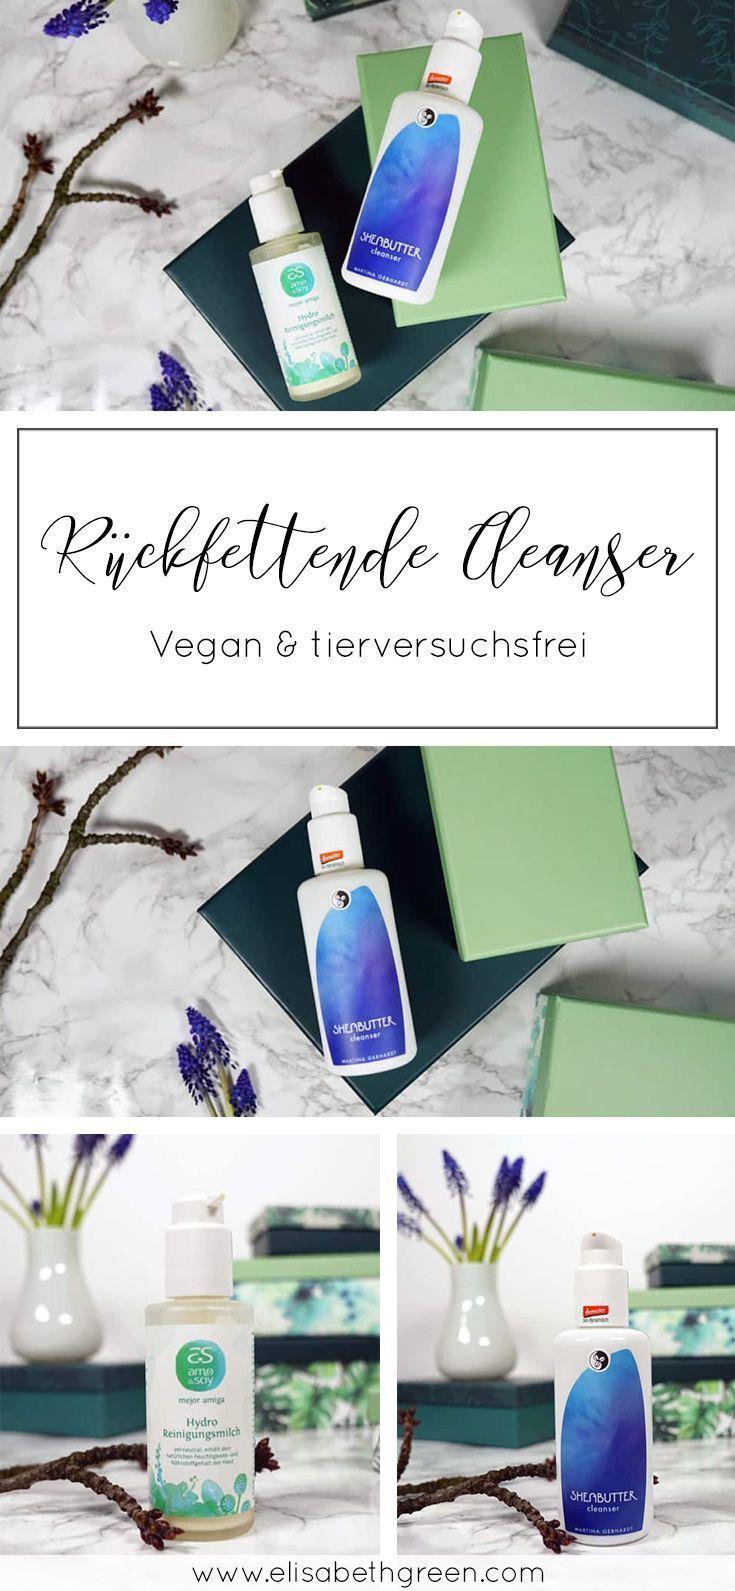 Photo of Rückfettende Cleanser für gepflegte & gesunde Haut